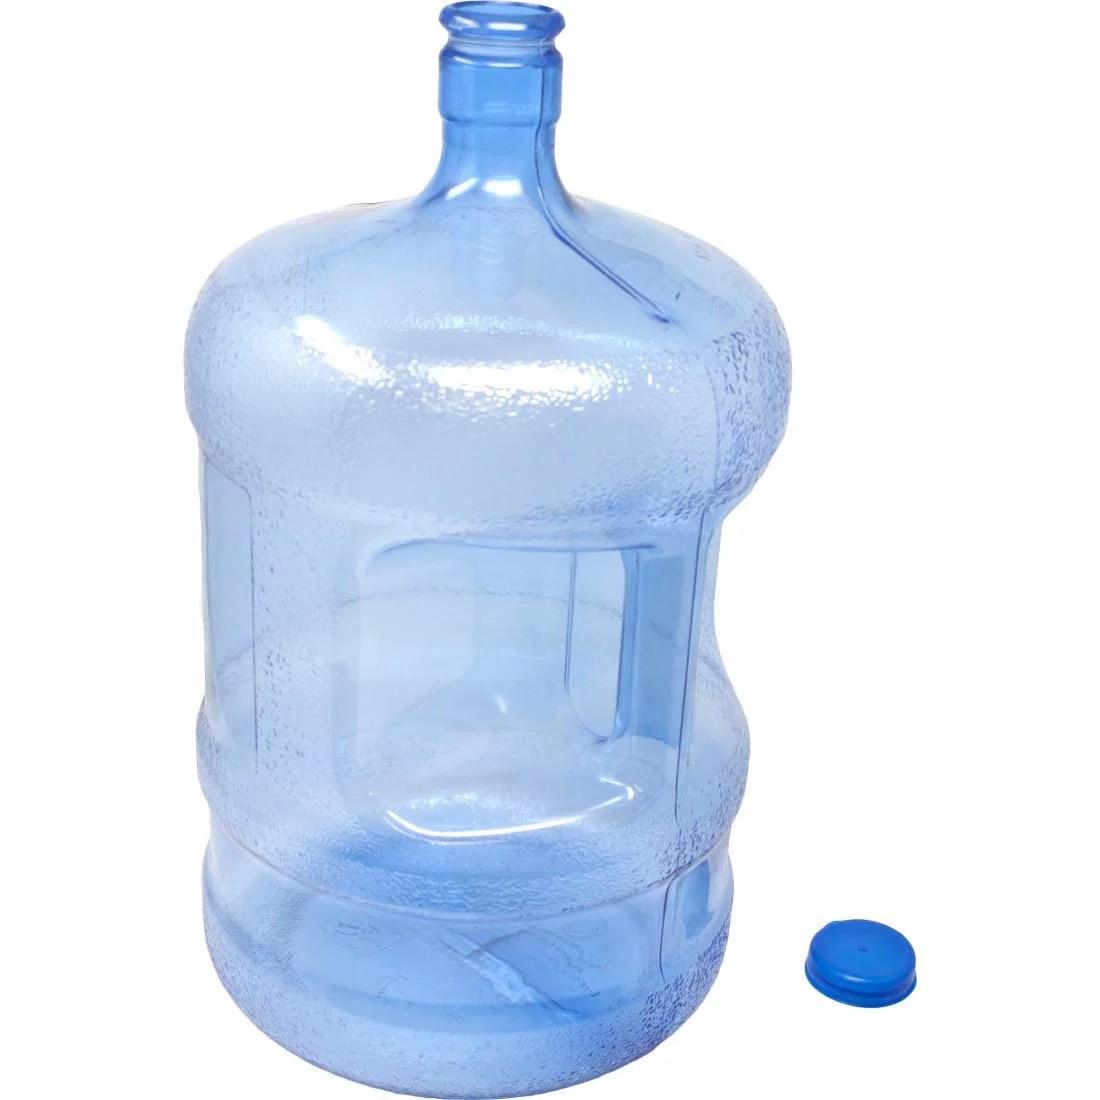 lavohome reusable plastic sports